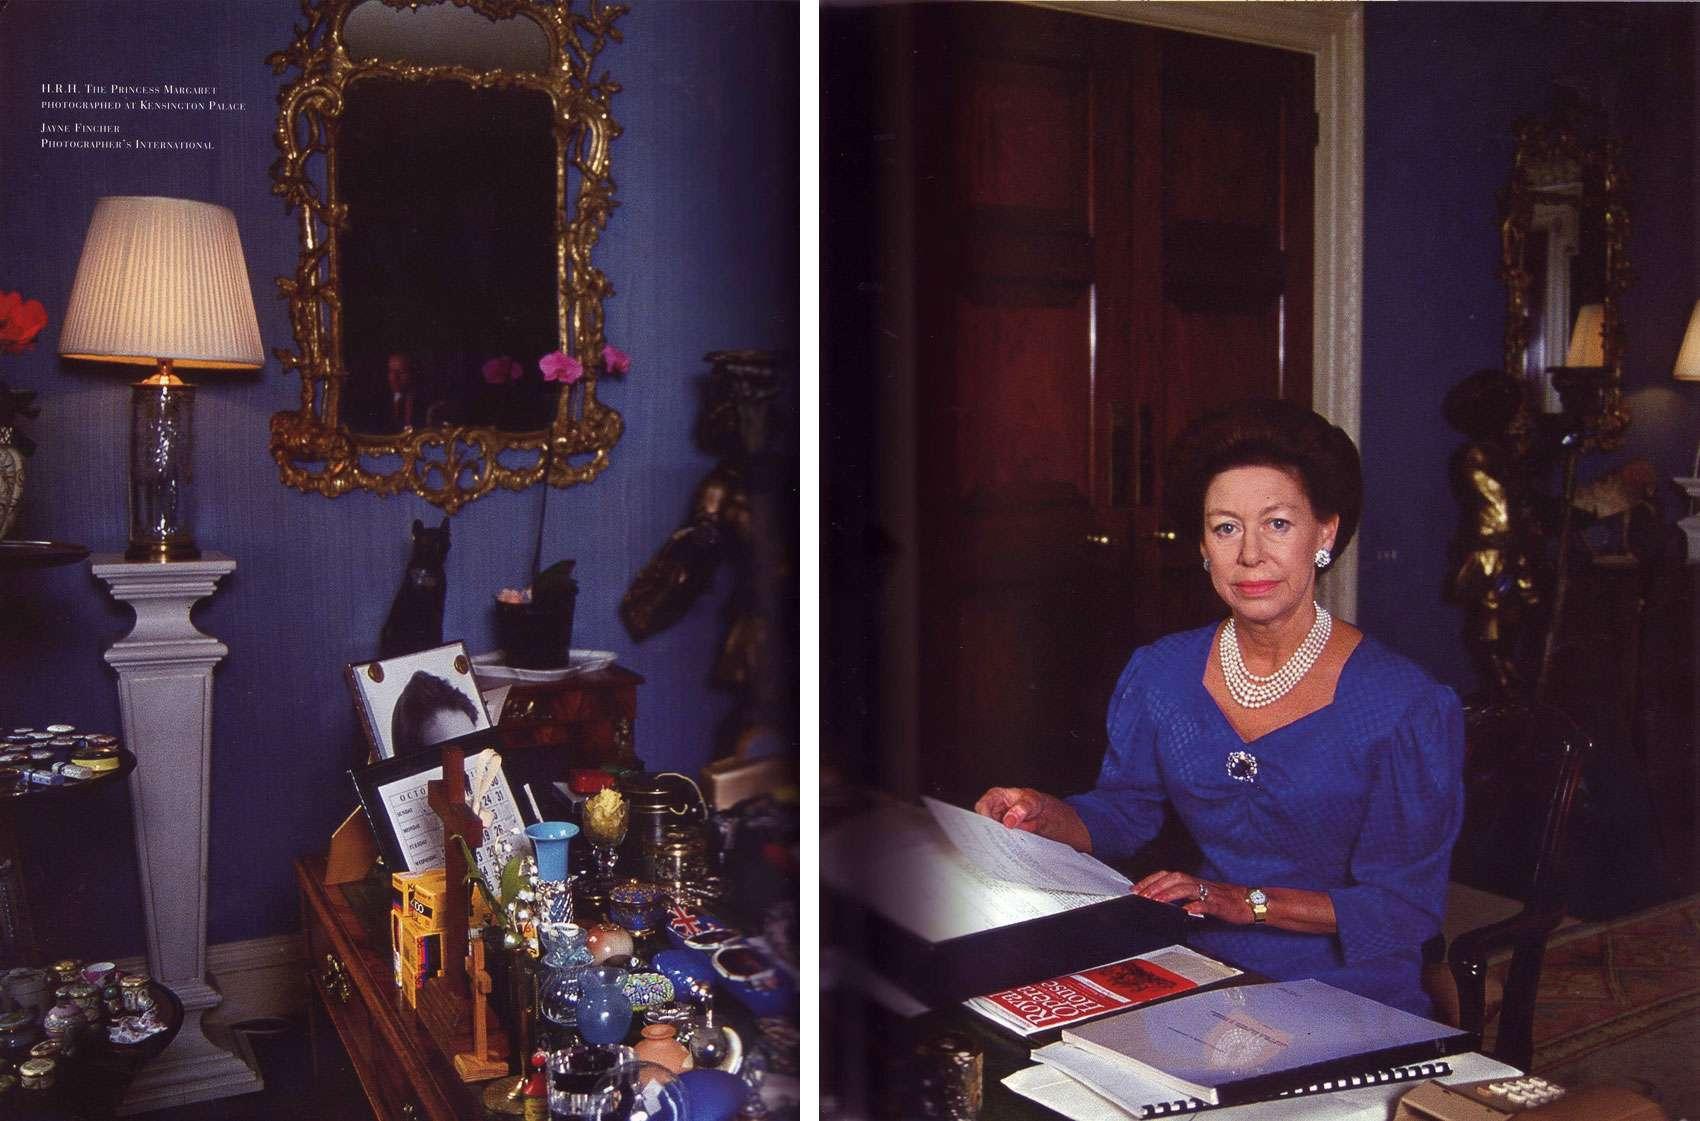 Kensington Palace Apartment In Decorous Taste A Desk Fit For A Princess